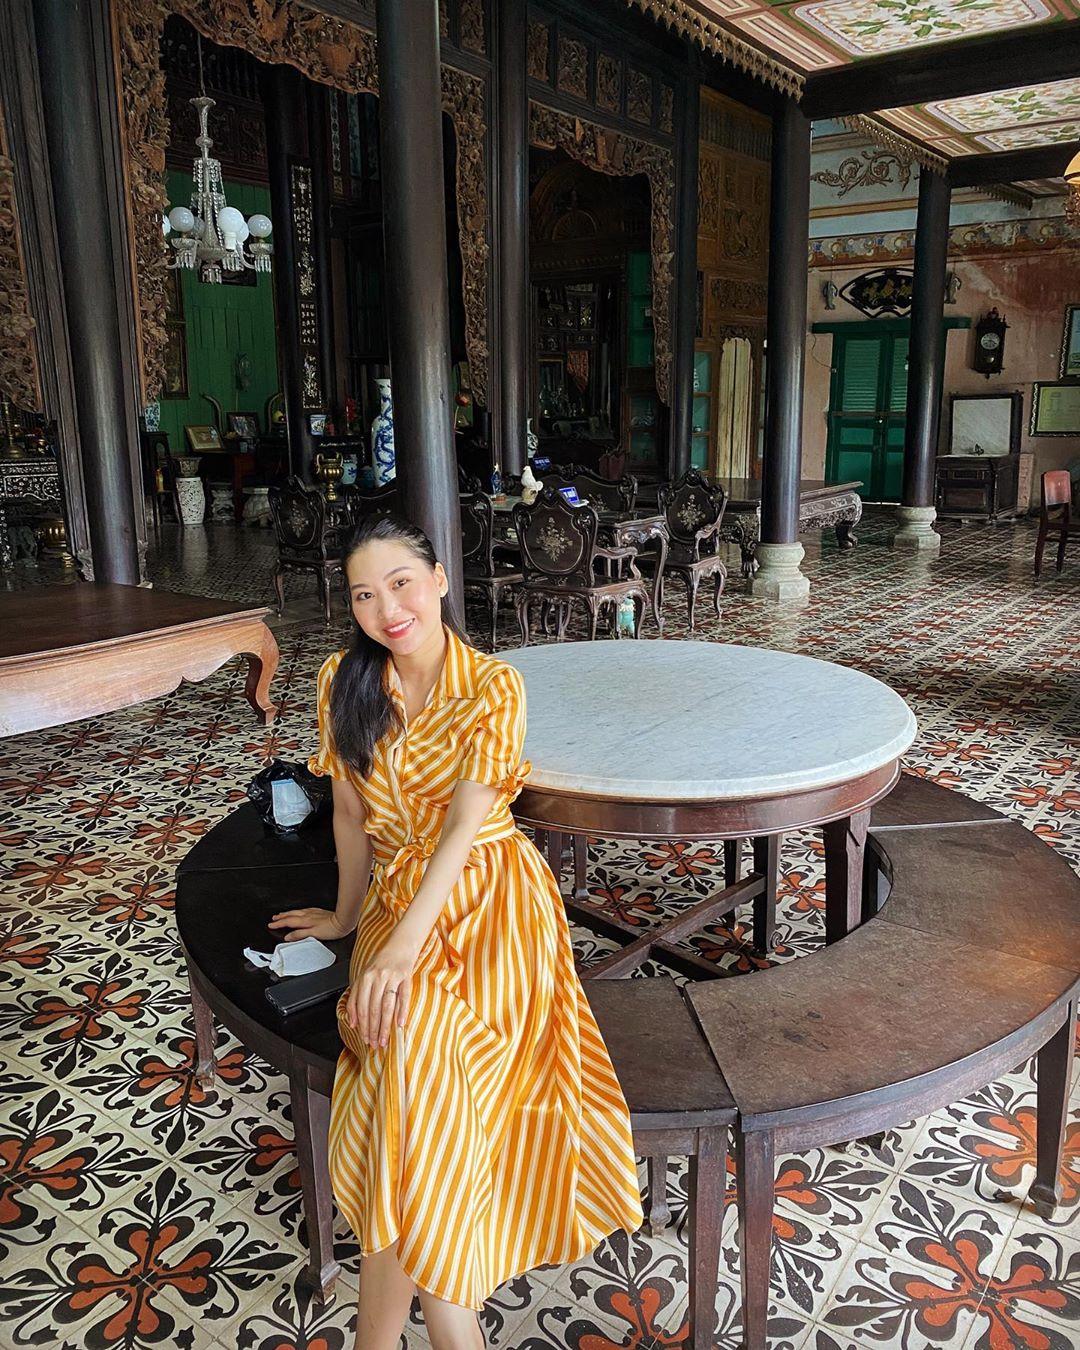 Vẻ đẹp nhà cổ Bình Thủy, địa điểm tham quan trăm tuổi tại Cần Thơ  - Ảnh 4.